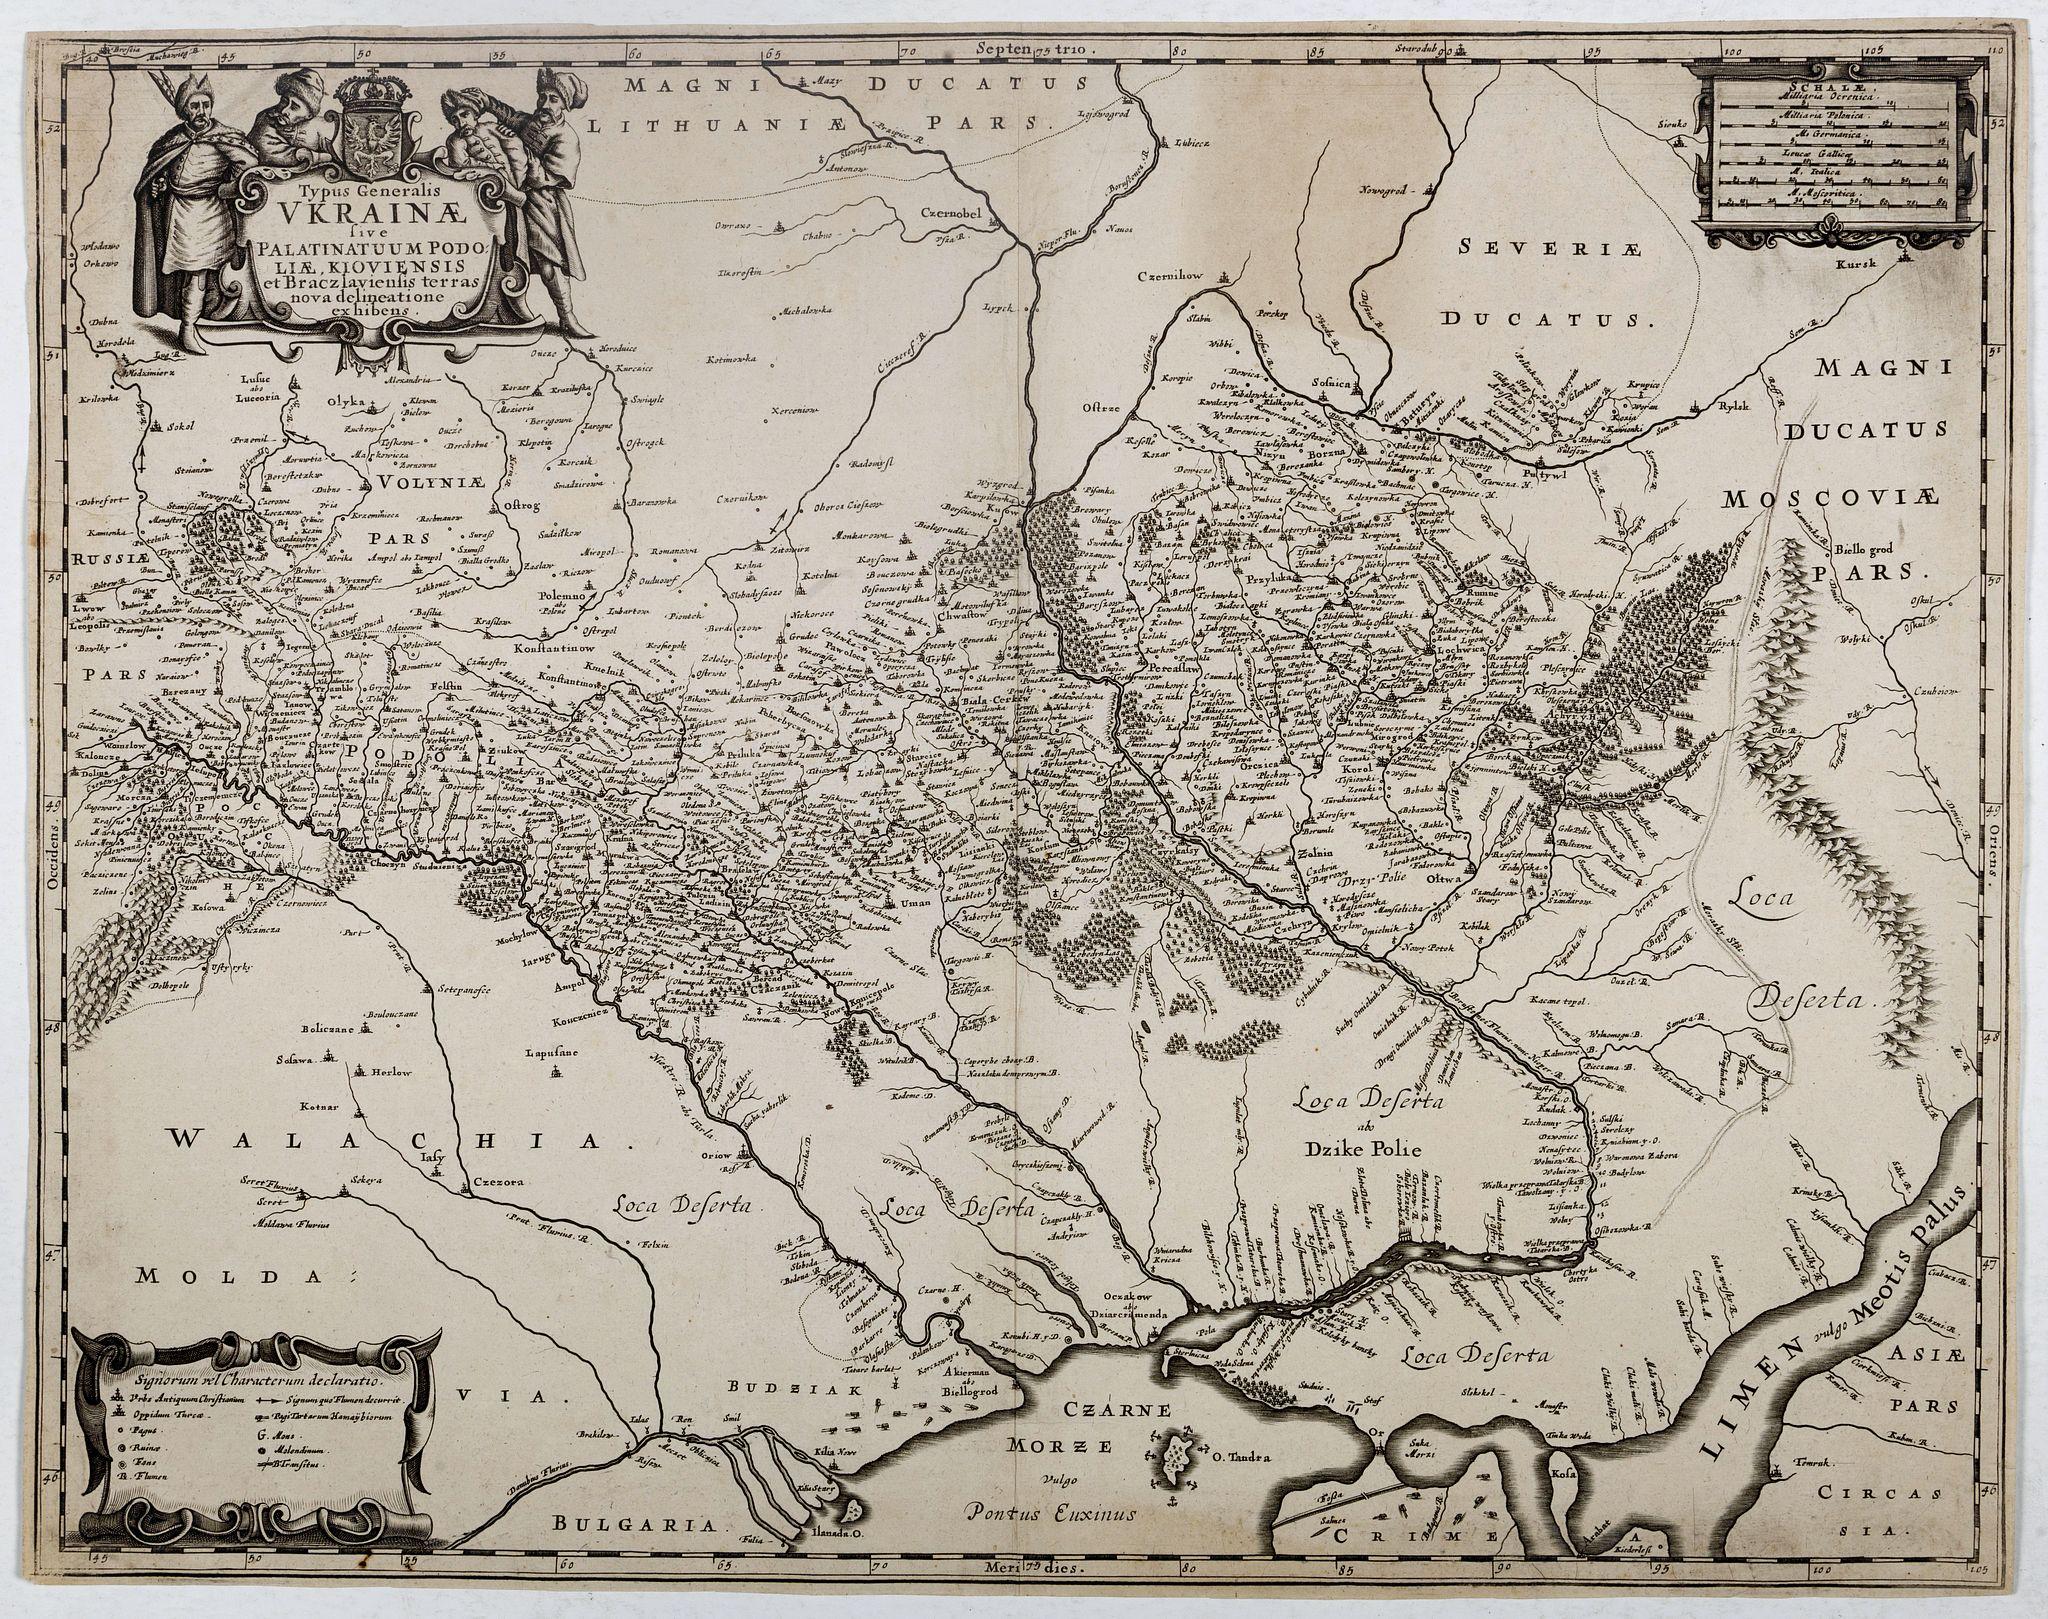 JANSSONIUS, J. -  Typus Generalis Ukrainae sive Palatinatuum Podoliae, Kioviensis et Braczlaviensis terras nova delineatione exhibens. . .